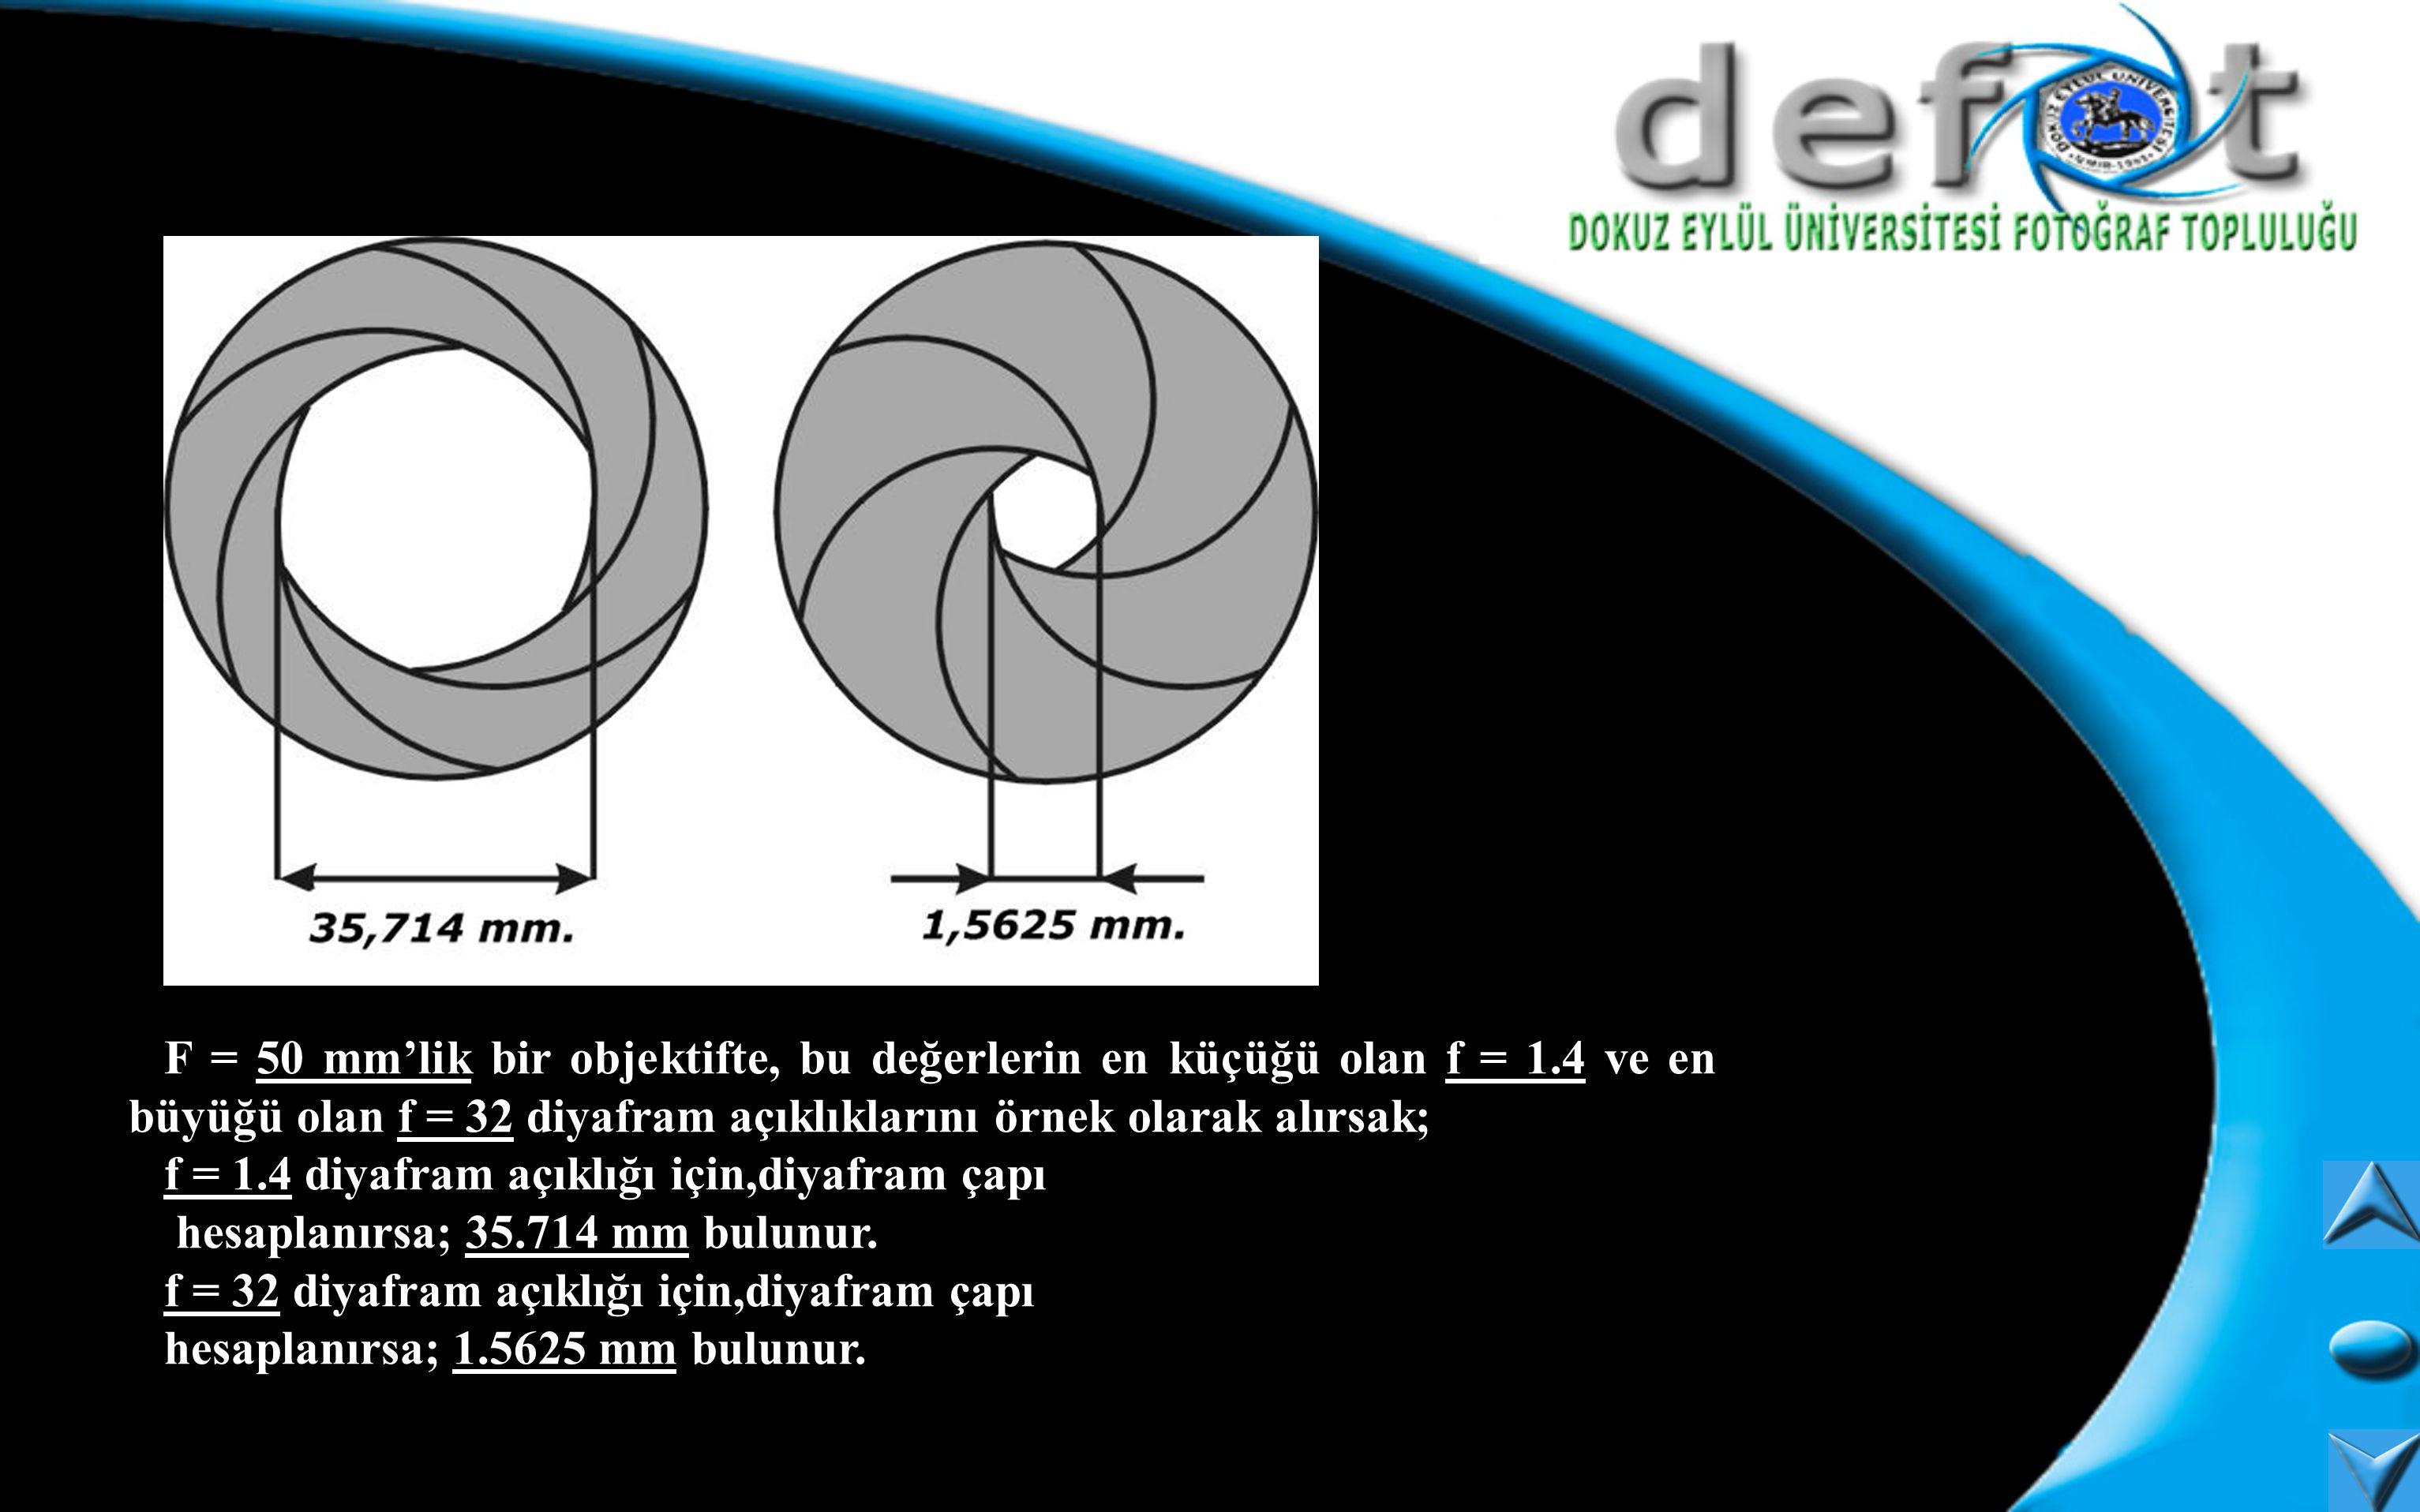 Sizinde gördüğünüz gibi en küçük diyafram açıklığı değeri olan f = 1.4, en fazla ışık geçirecek olan diyafram açıklığı değeridir.